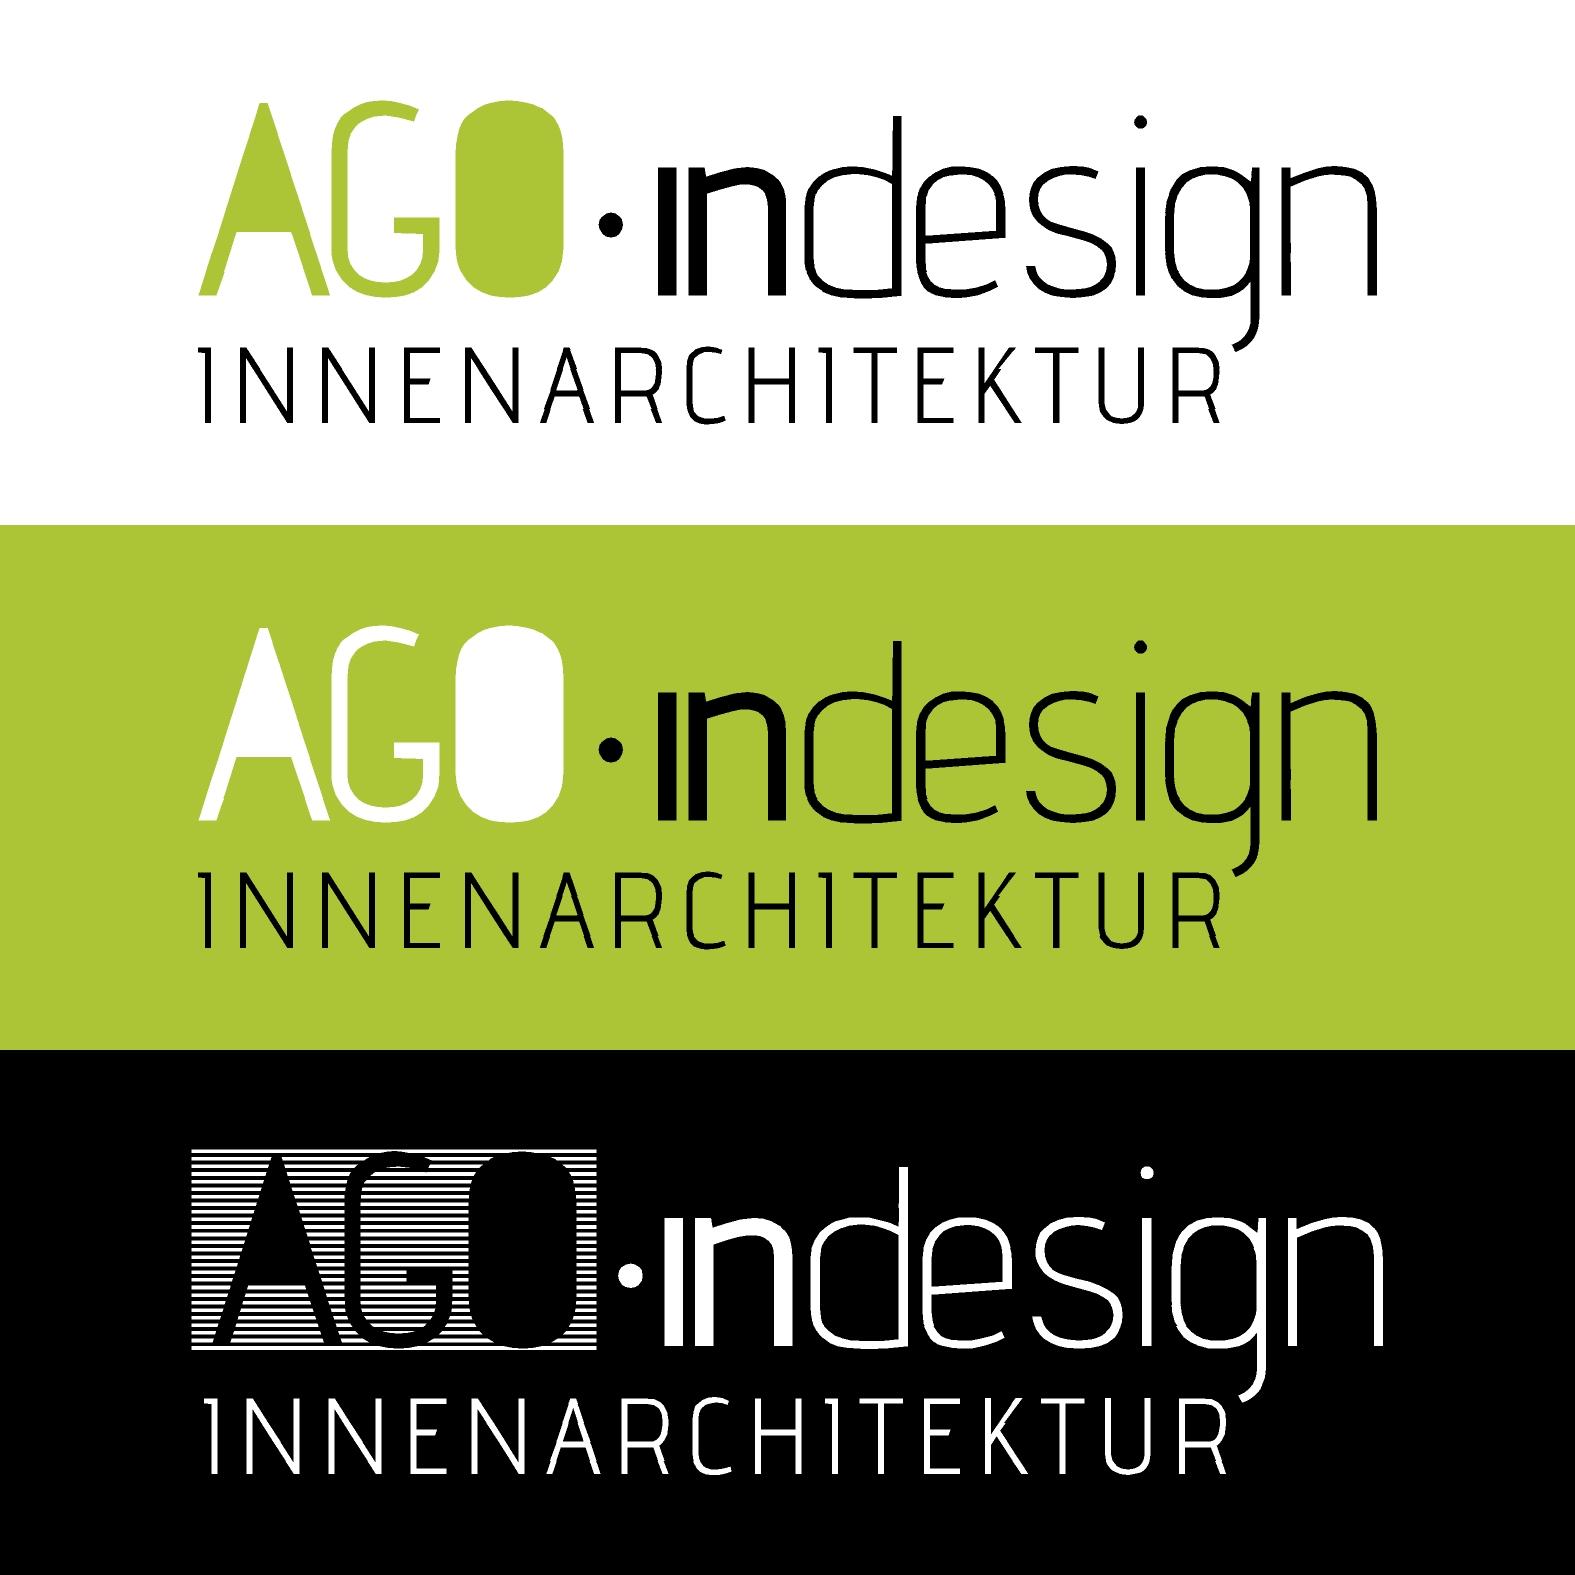 design #184 of javisales